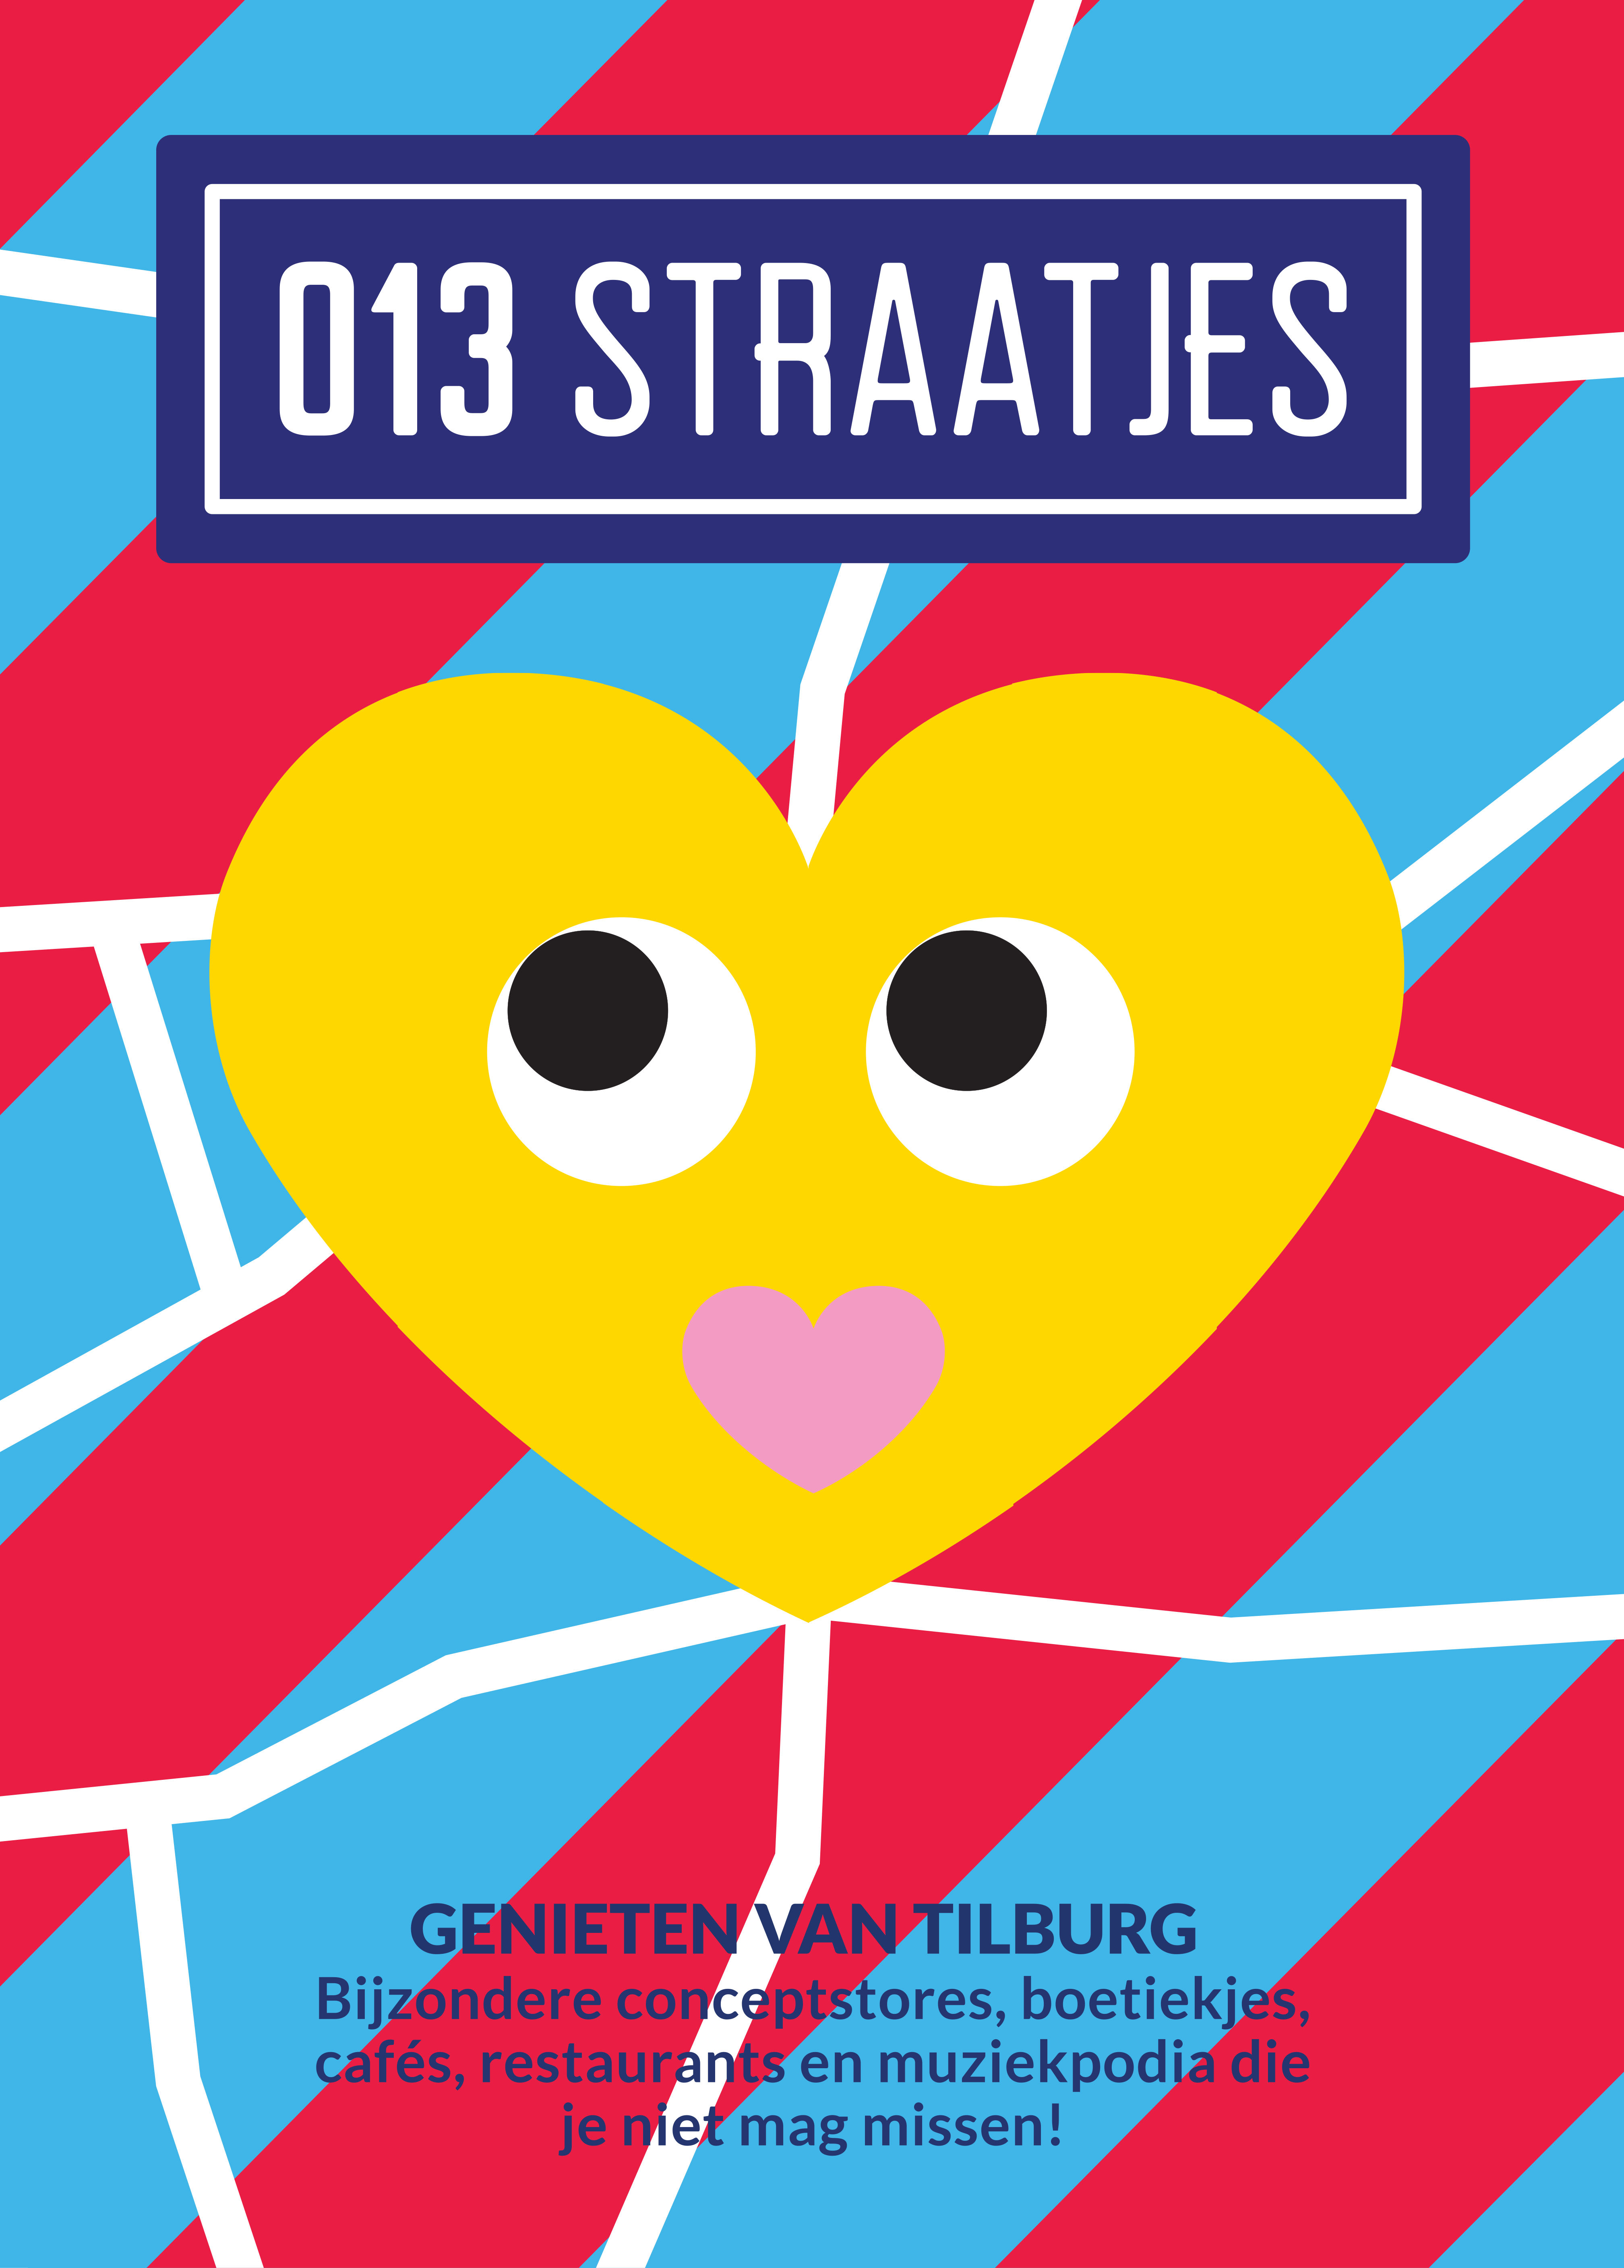 013-Straatjes-inspiratiegids-2016